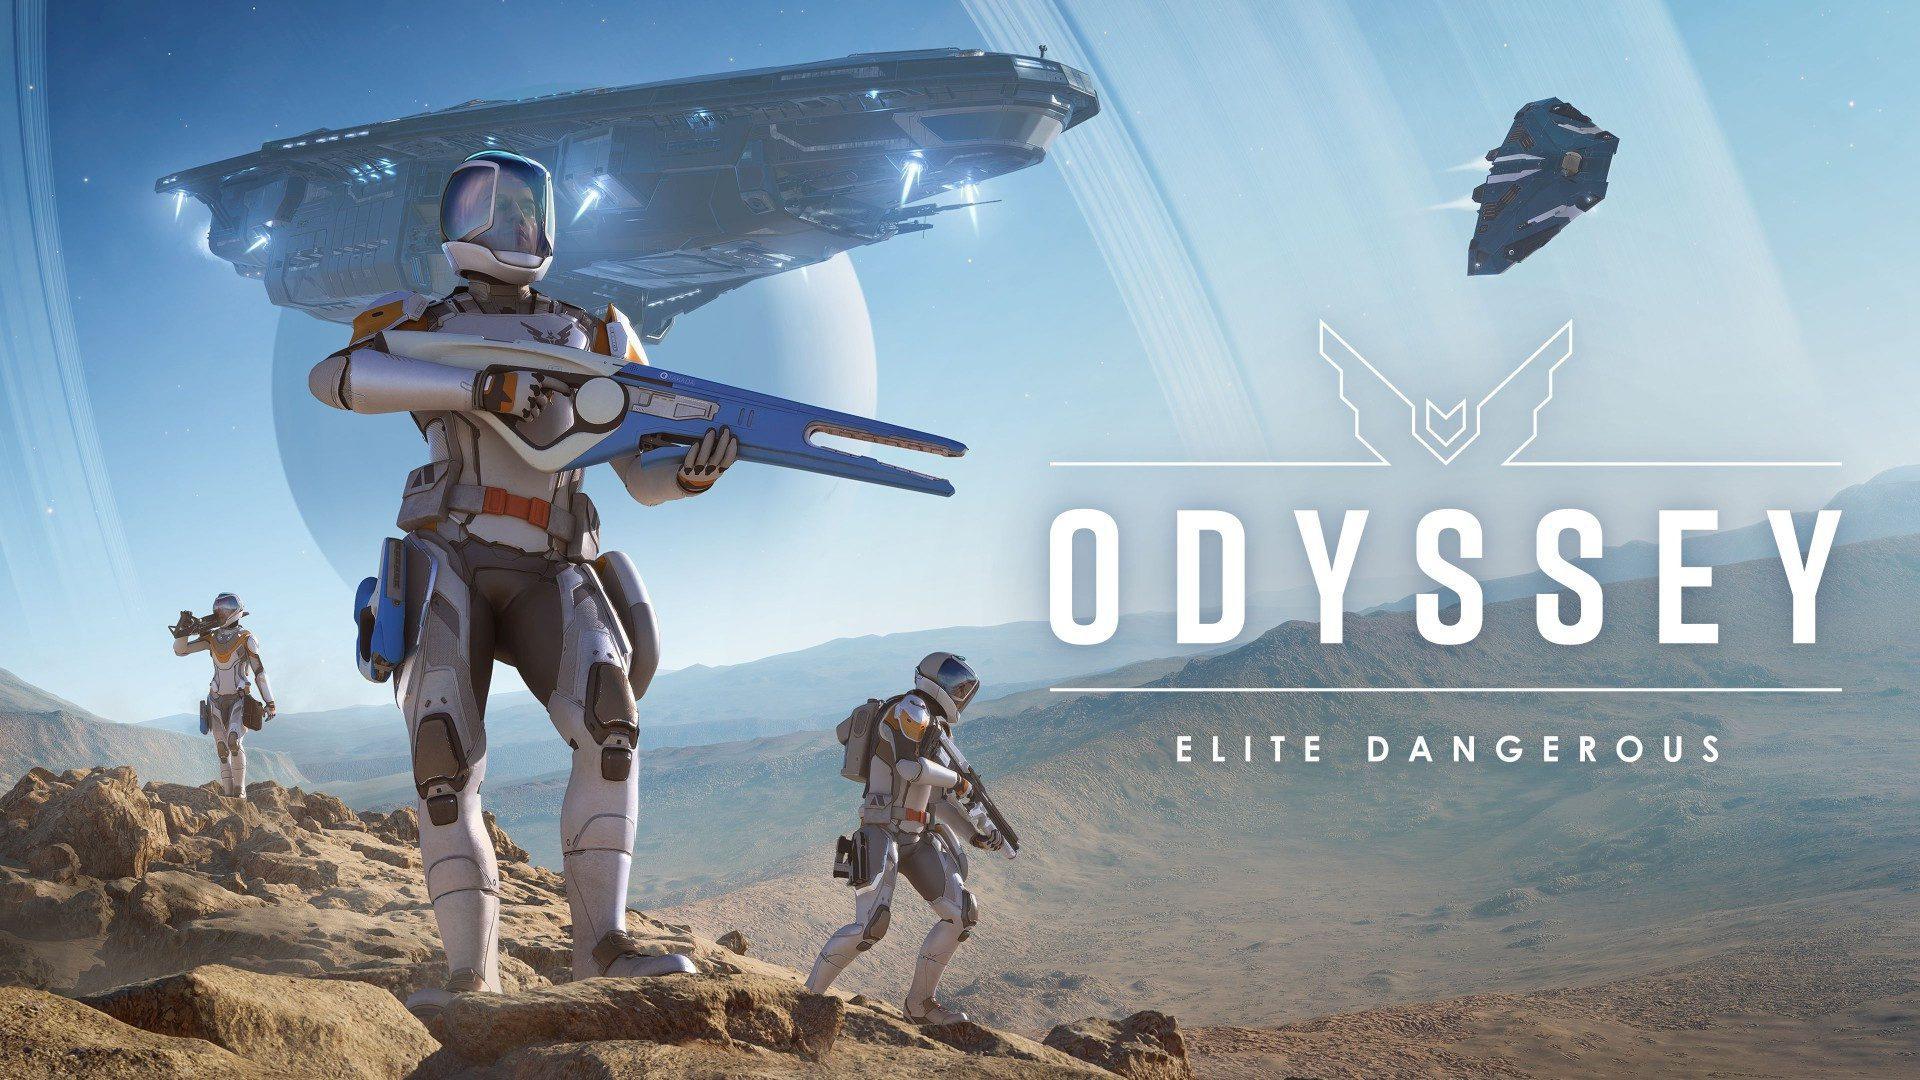 De transportadoras a Odyssey: uma nova era começa para a Elite Dangerous no Xbox One